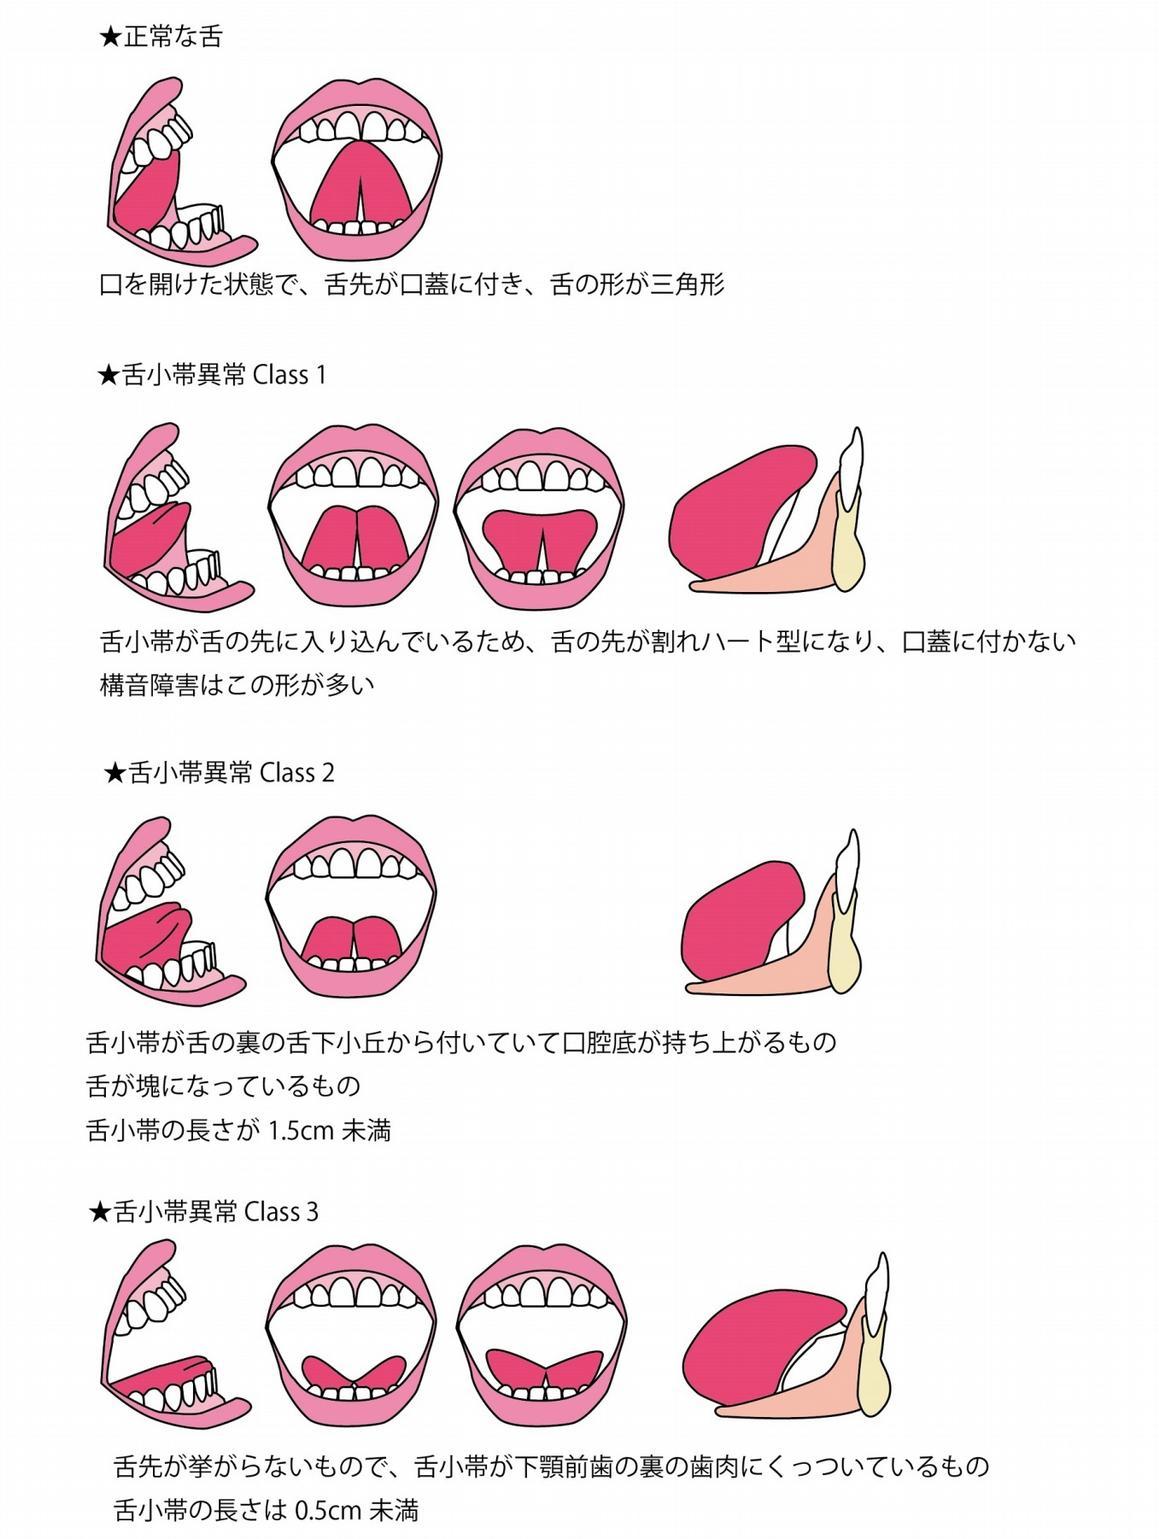 舌小帯異常クラス